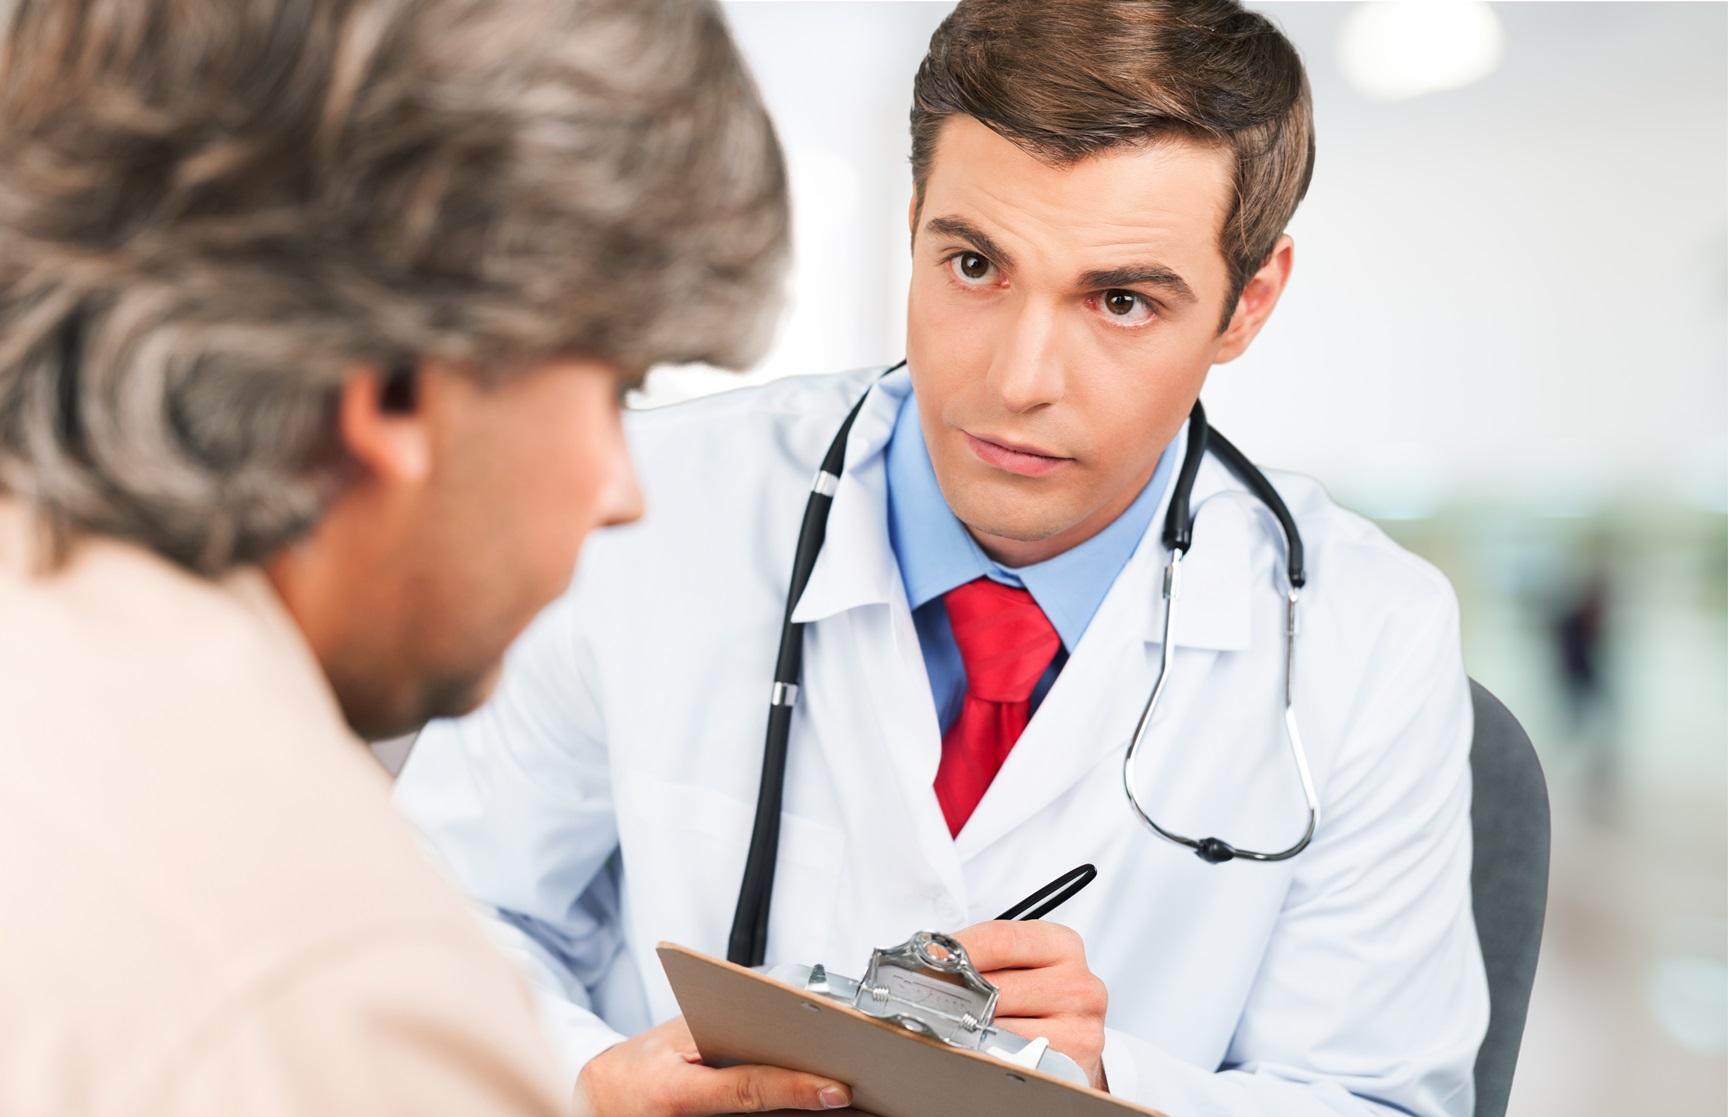 Польские пациенты с РС хотят получить доступ к оральной терапии